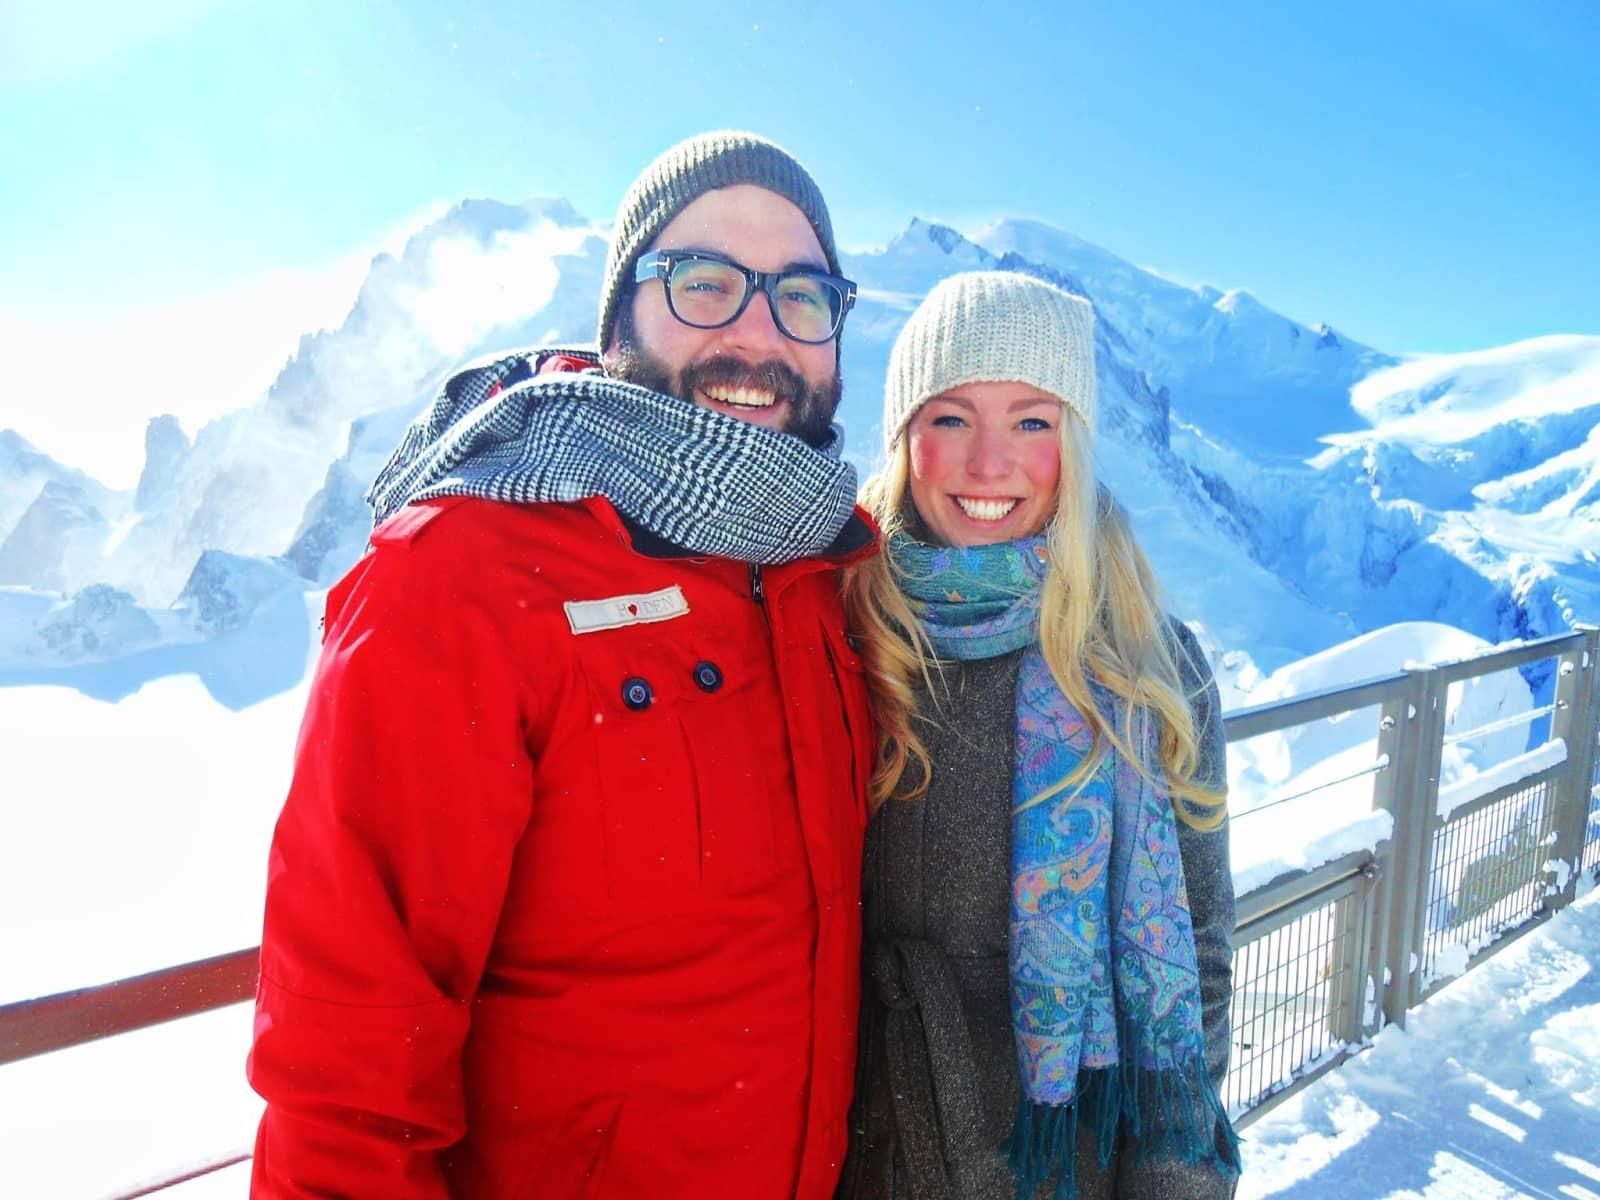 Robyn & Michael from Banff, Alberta, Canada